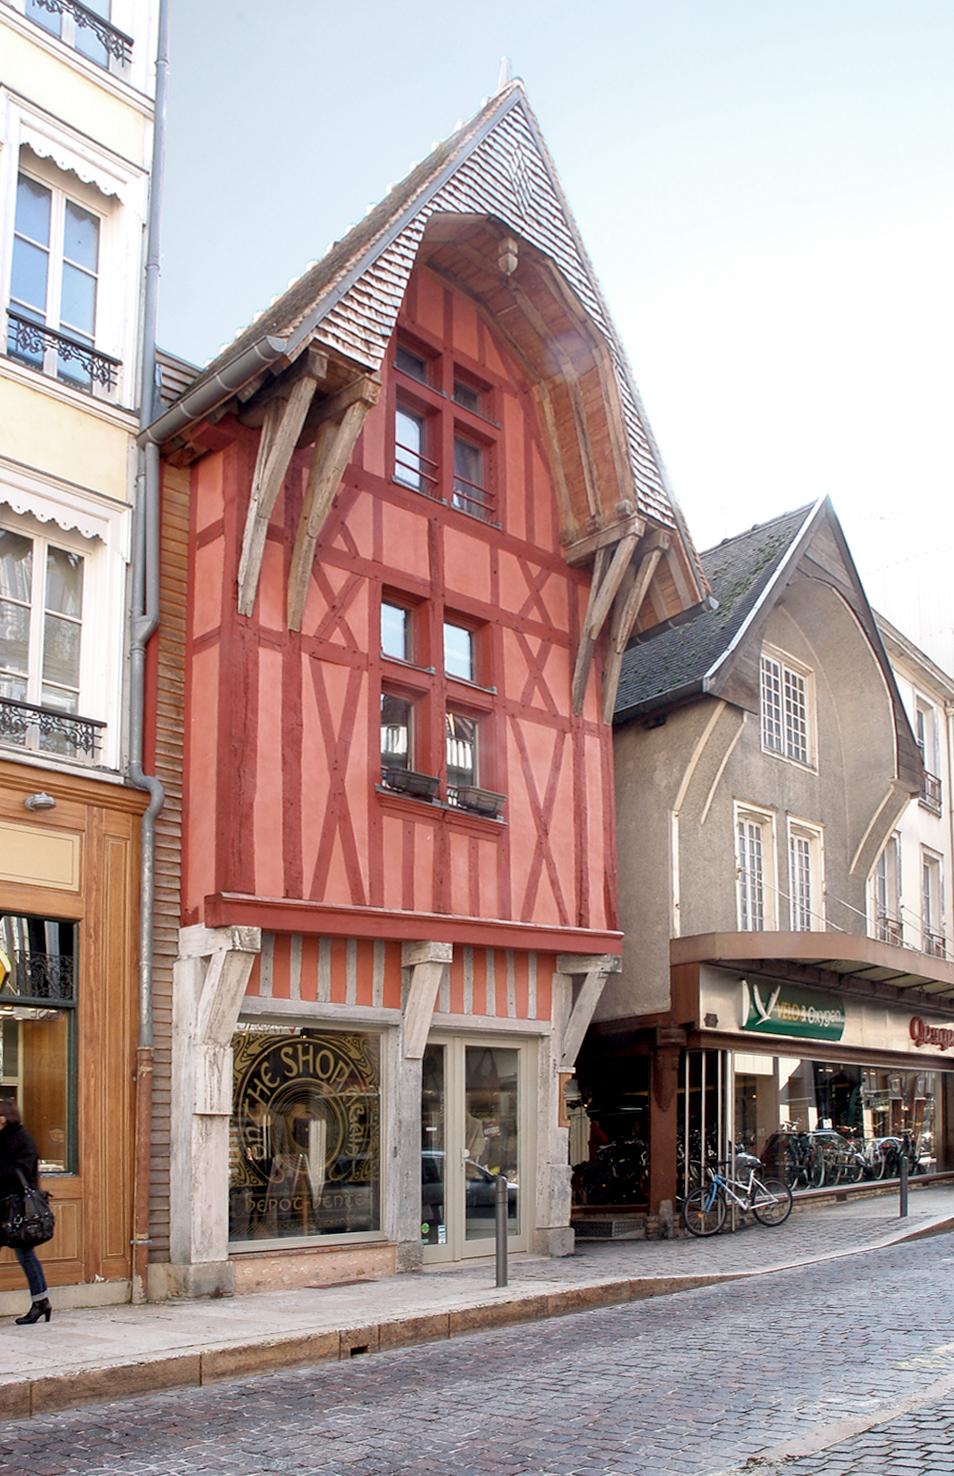 Restauration d'un immeuble de 3 logements et 1 commerce à Troyes - Lauréat des Ecussons 2010 remis par Sauvegarde et Avenir de Troyes